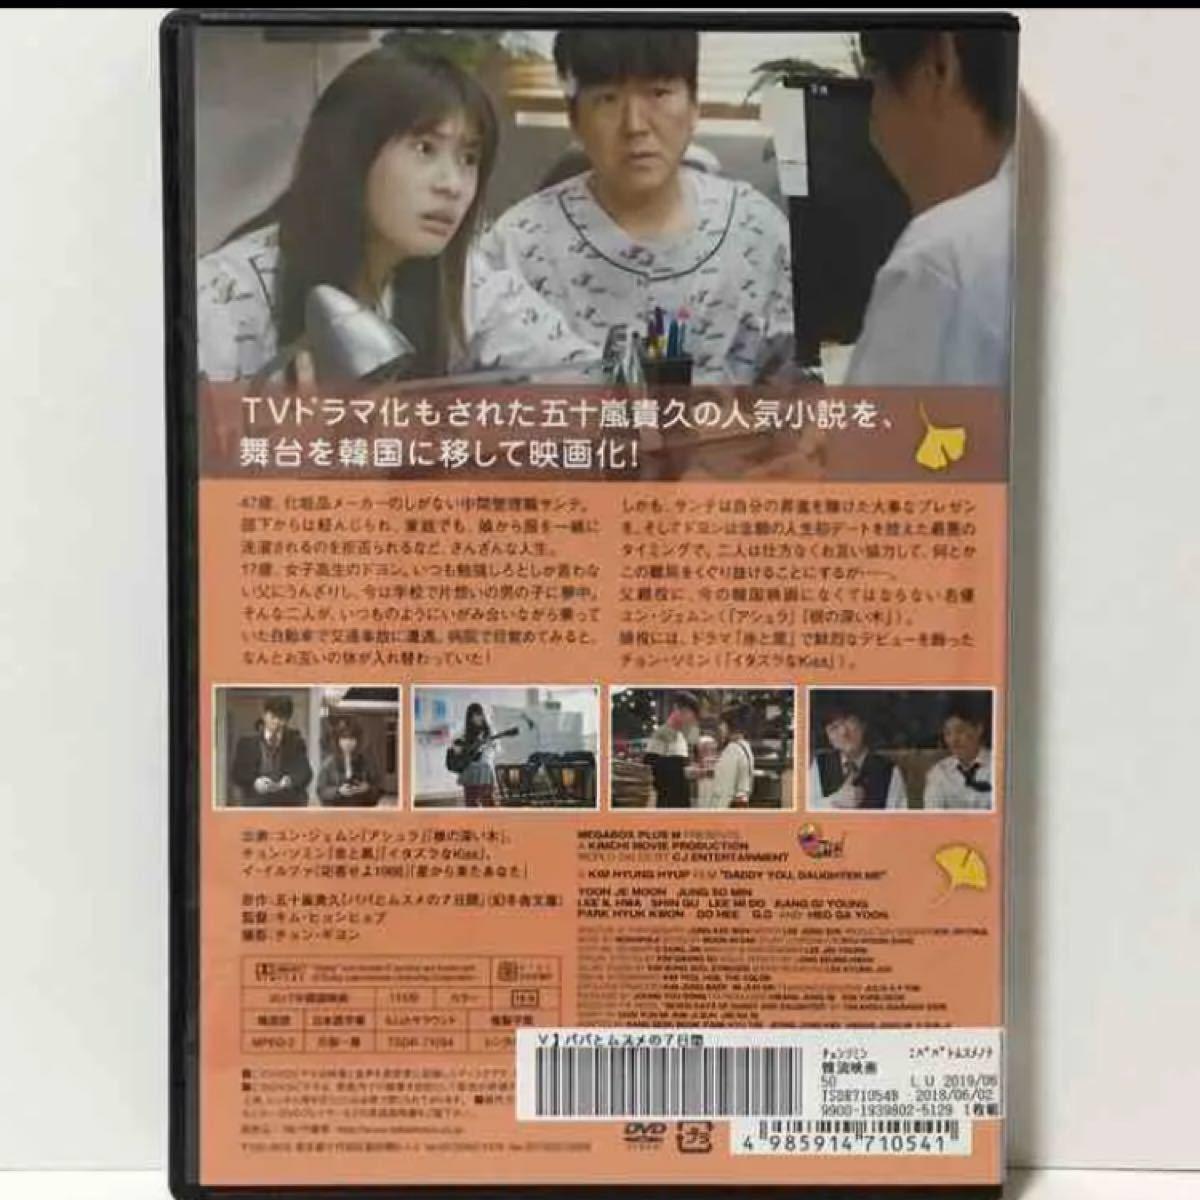 韓国映画 パパとムスメの7日間